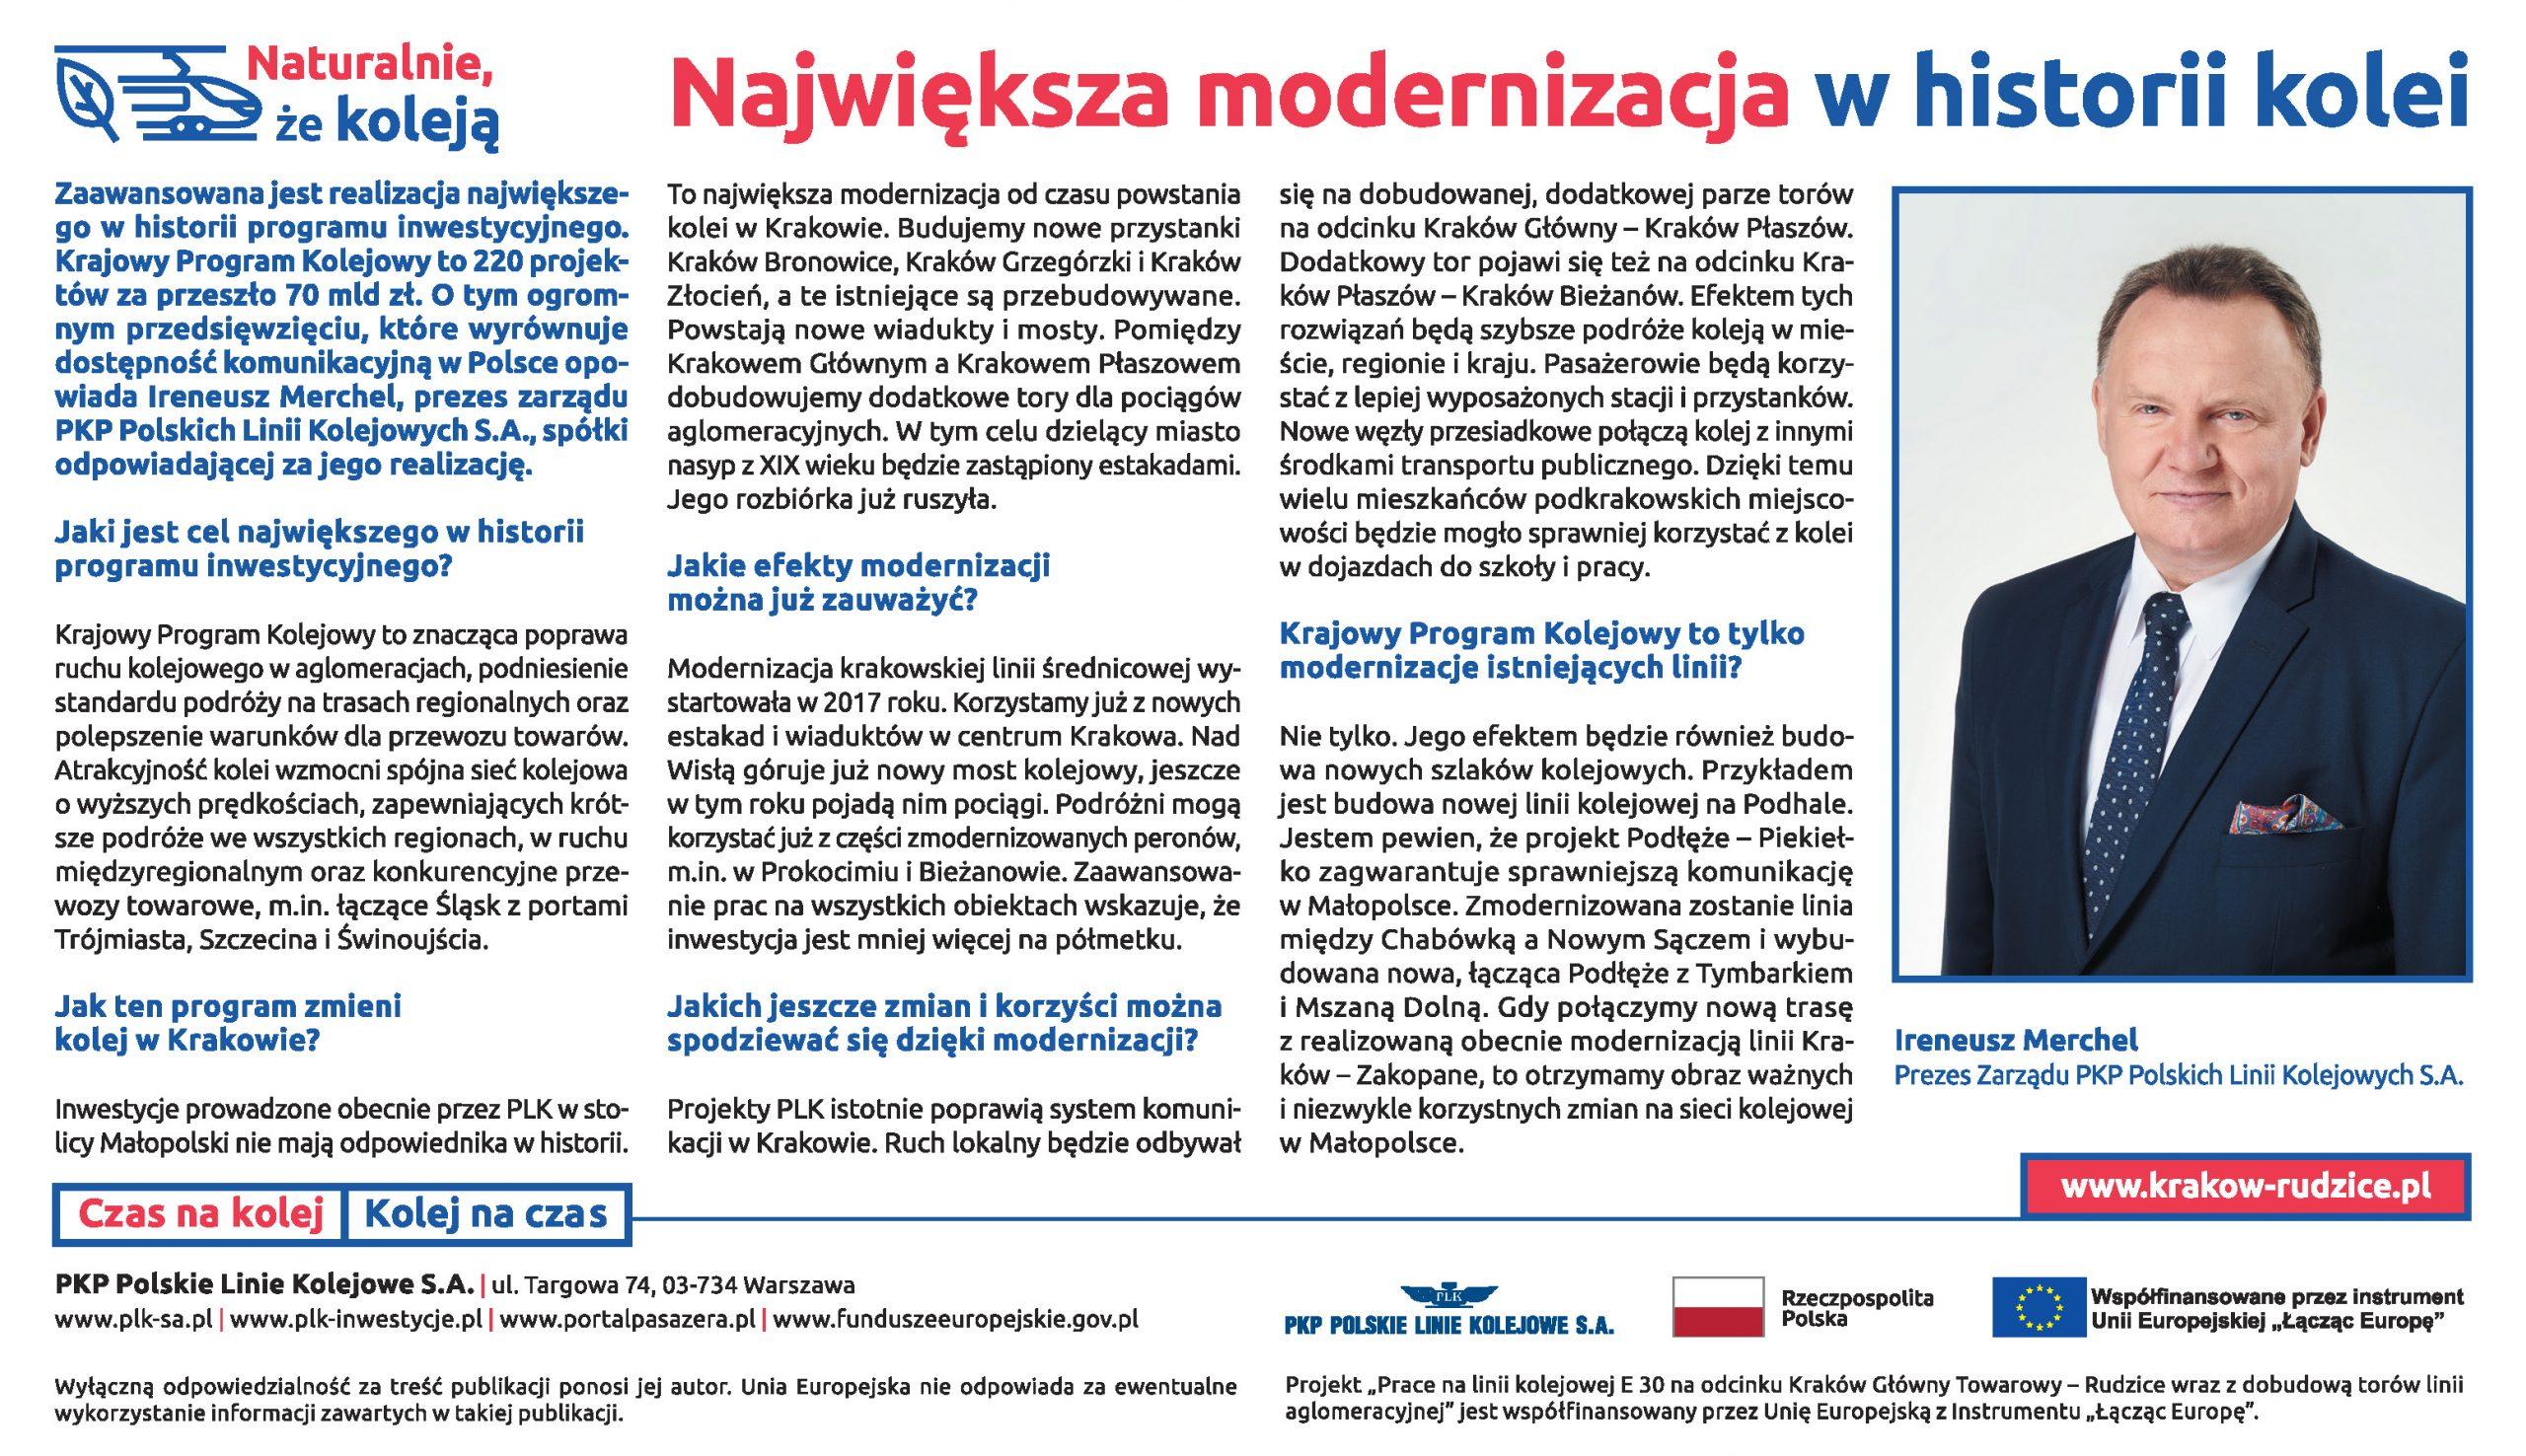 Wywiad z Prezesem PKP Polskim Linii Kolejowych S.A. Ireneuszem Merchel opublikowany w Dzienniku Polskim 3 września 2019 r.